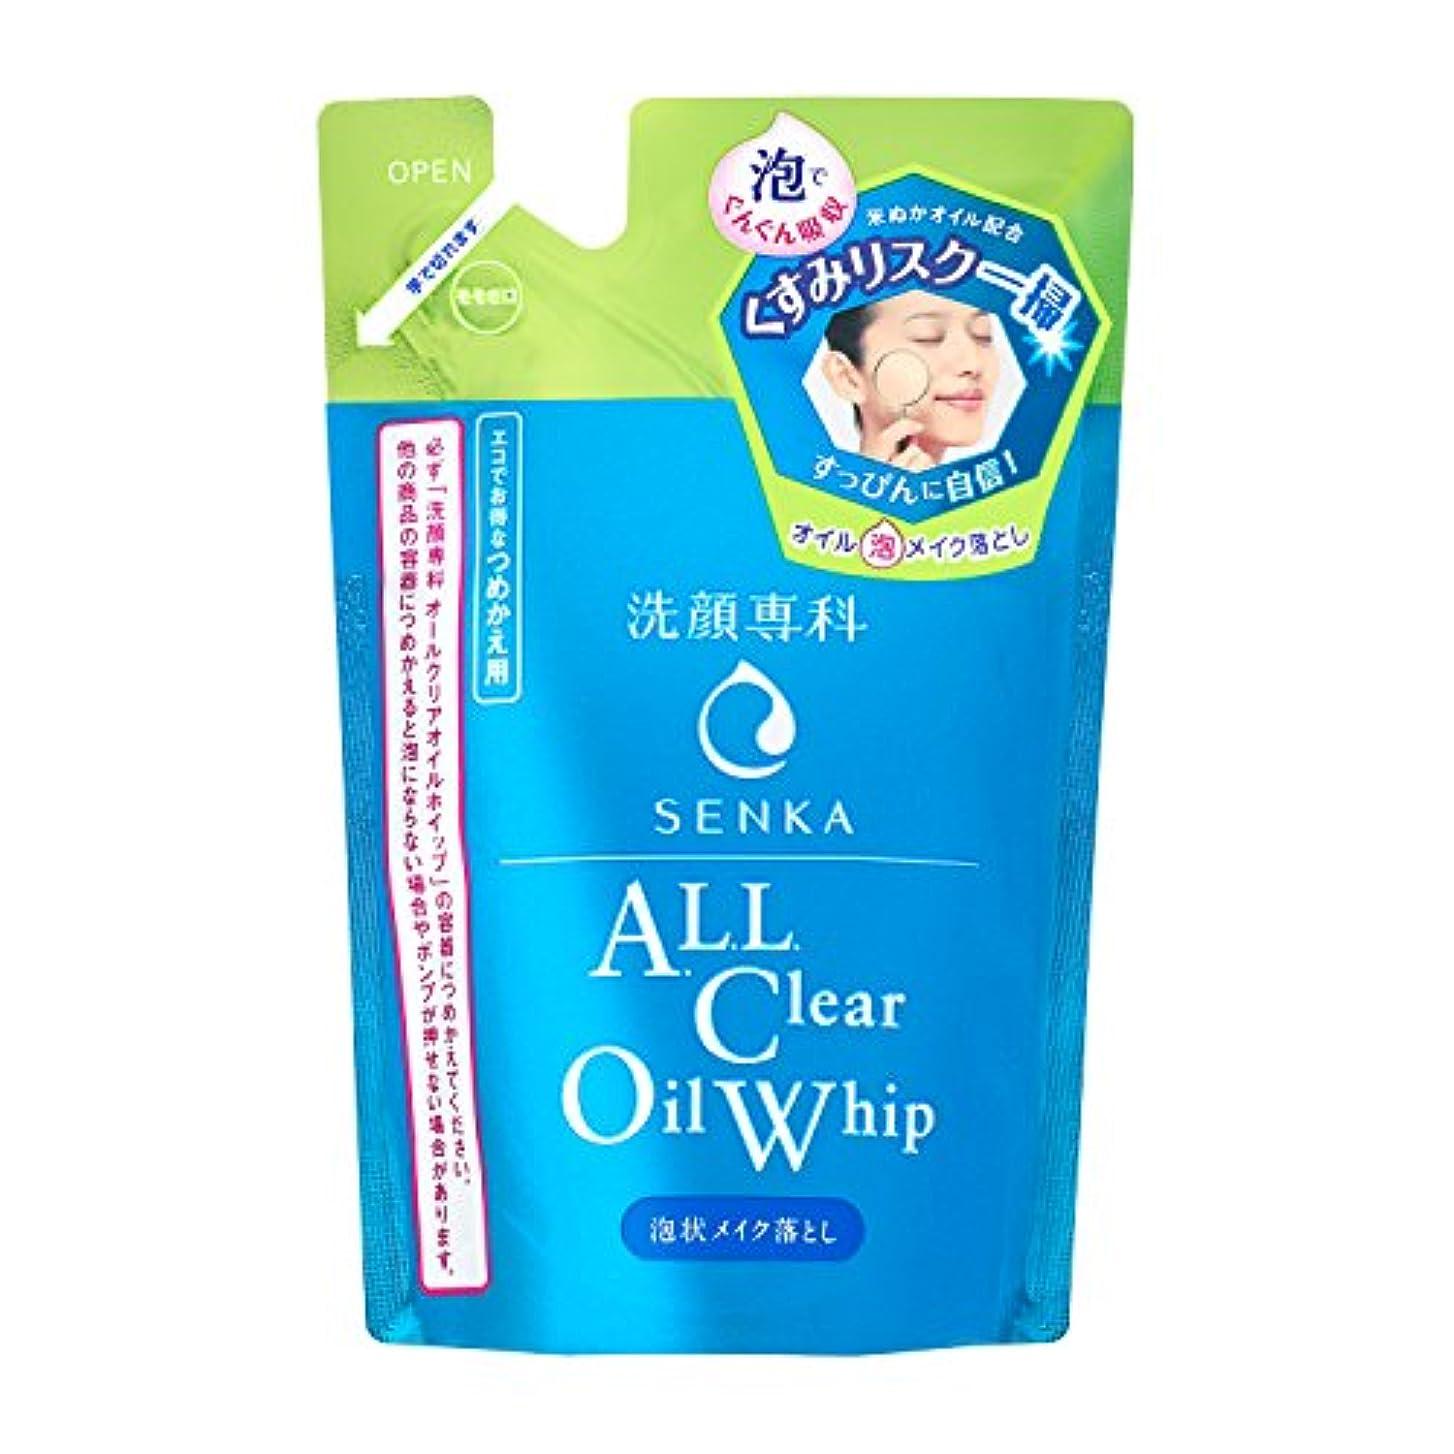 落ちた高度な真夜中洗顔専科 オールクリアオイルホイップ 泡状メイク落とし つめかえ用 130mL